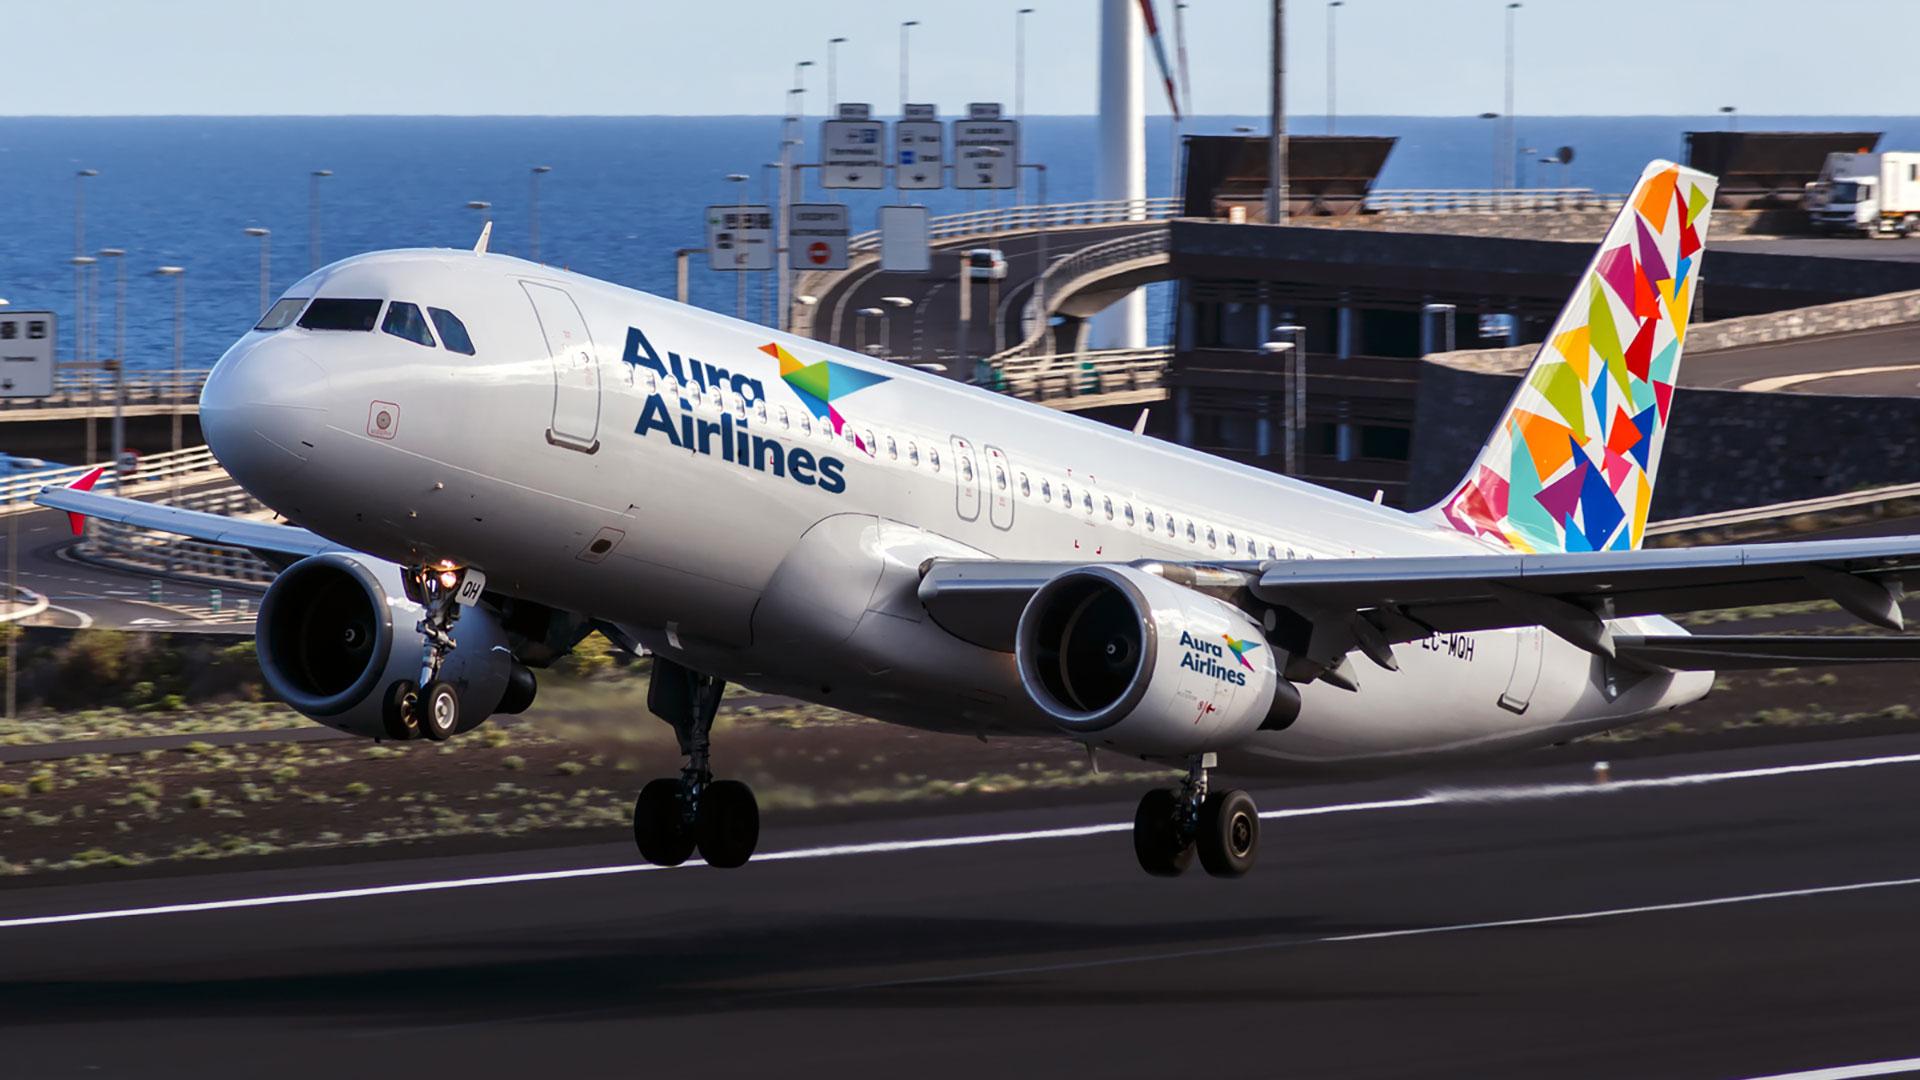 AvionAuraAirlines